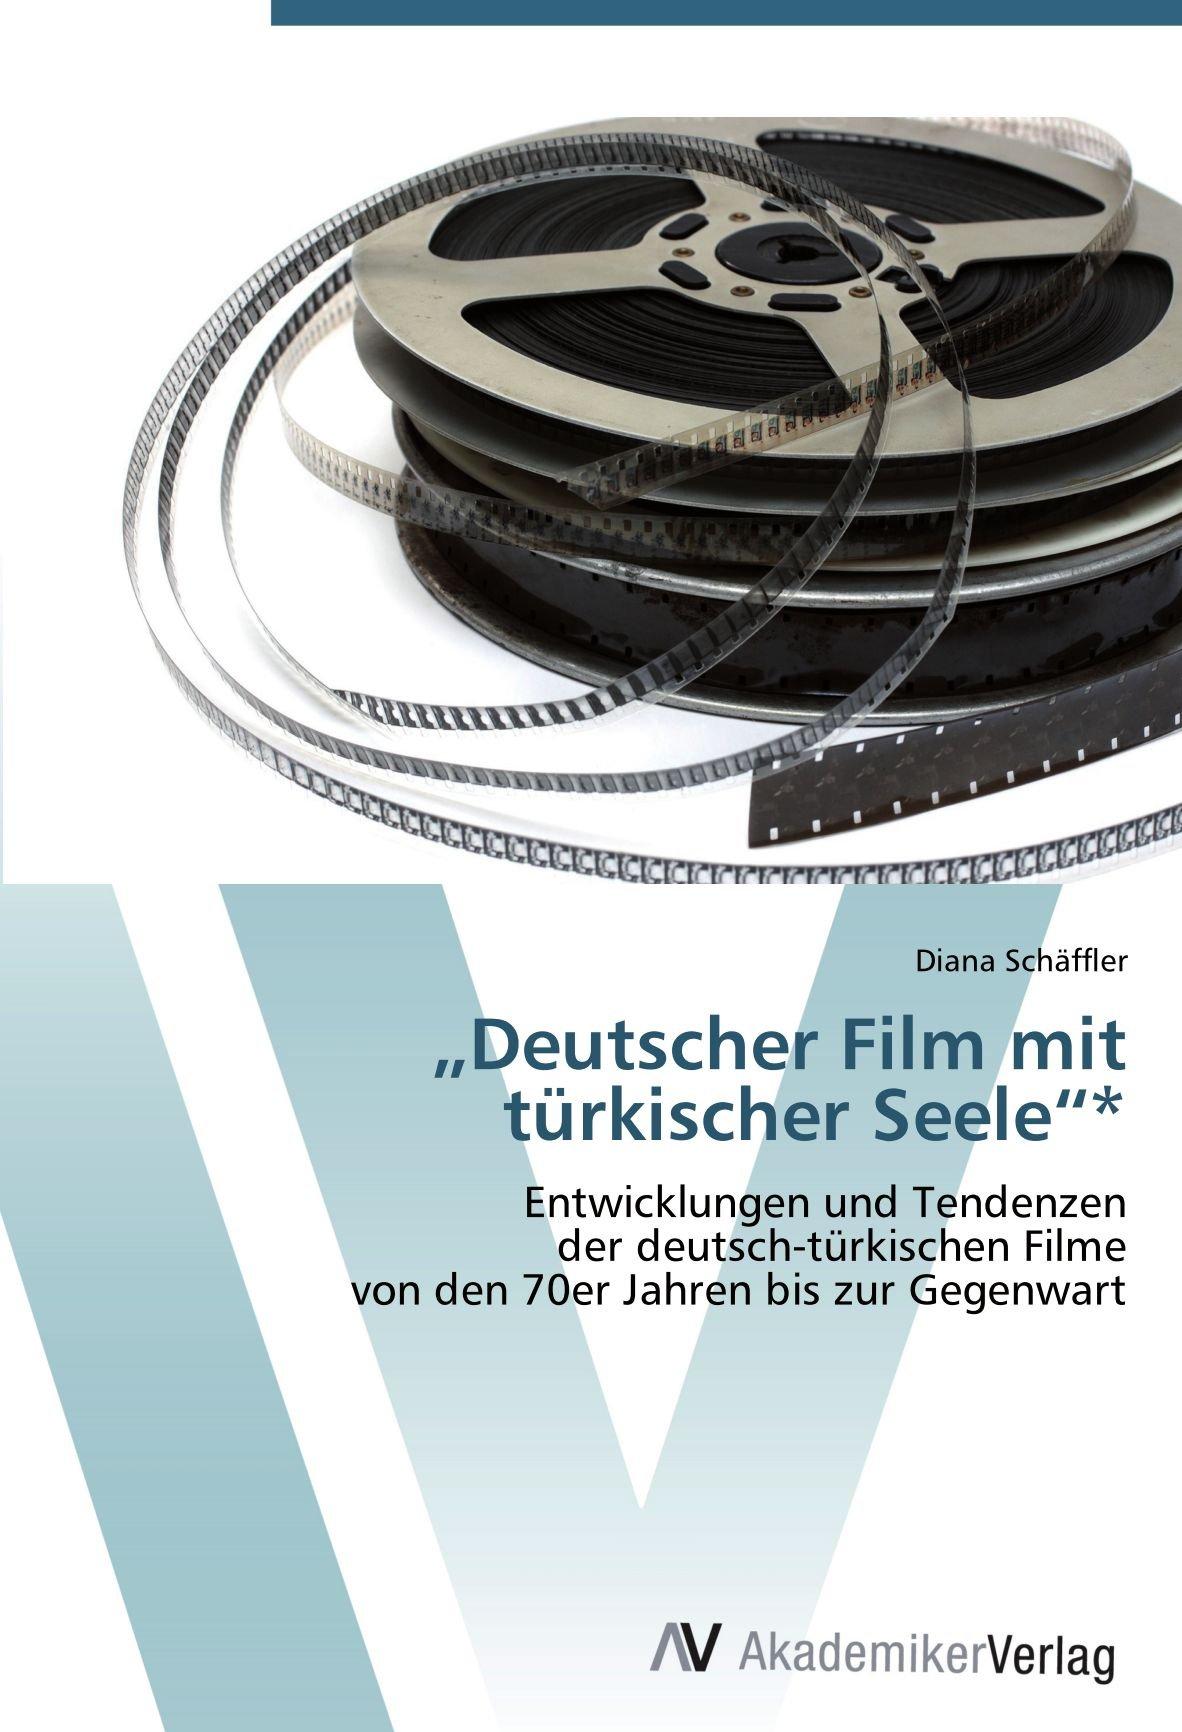 """""""Deutscher Film mit türkischer Seele""""*: Entwicklungen und Tendenzen der deutsch-türkischen Filme von den 70er Jahren bis zur Gegenwart"""